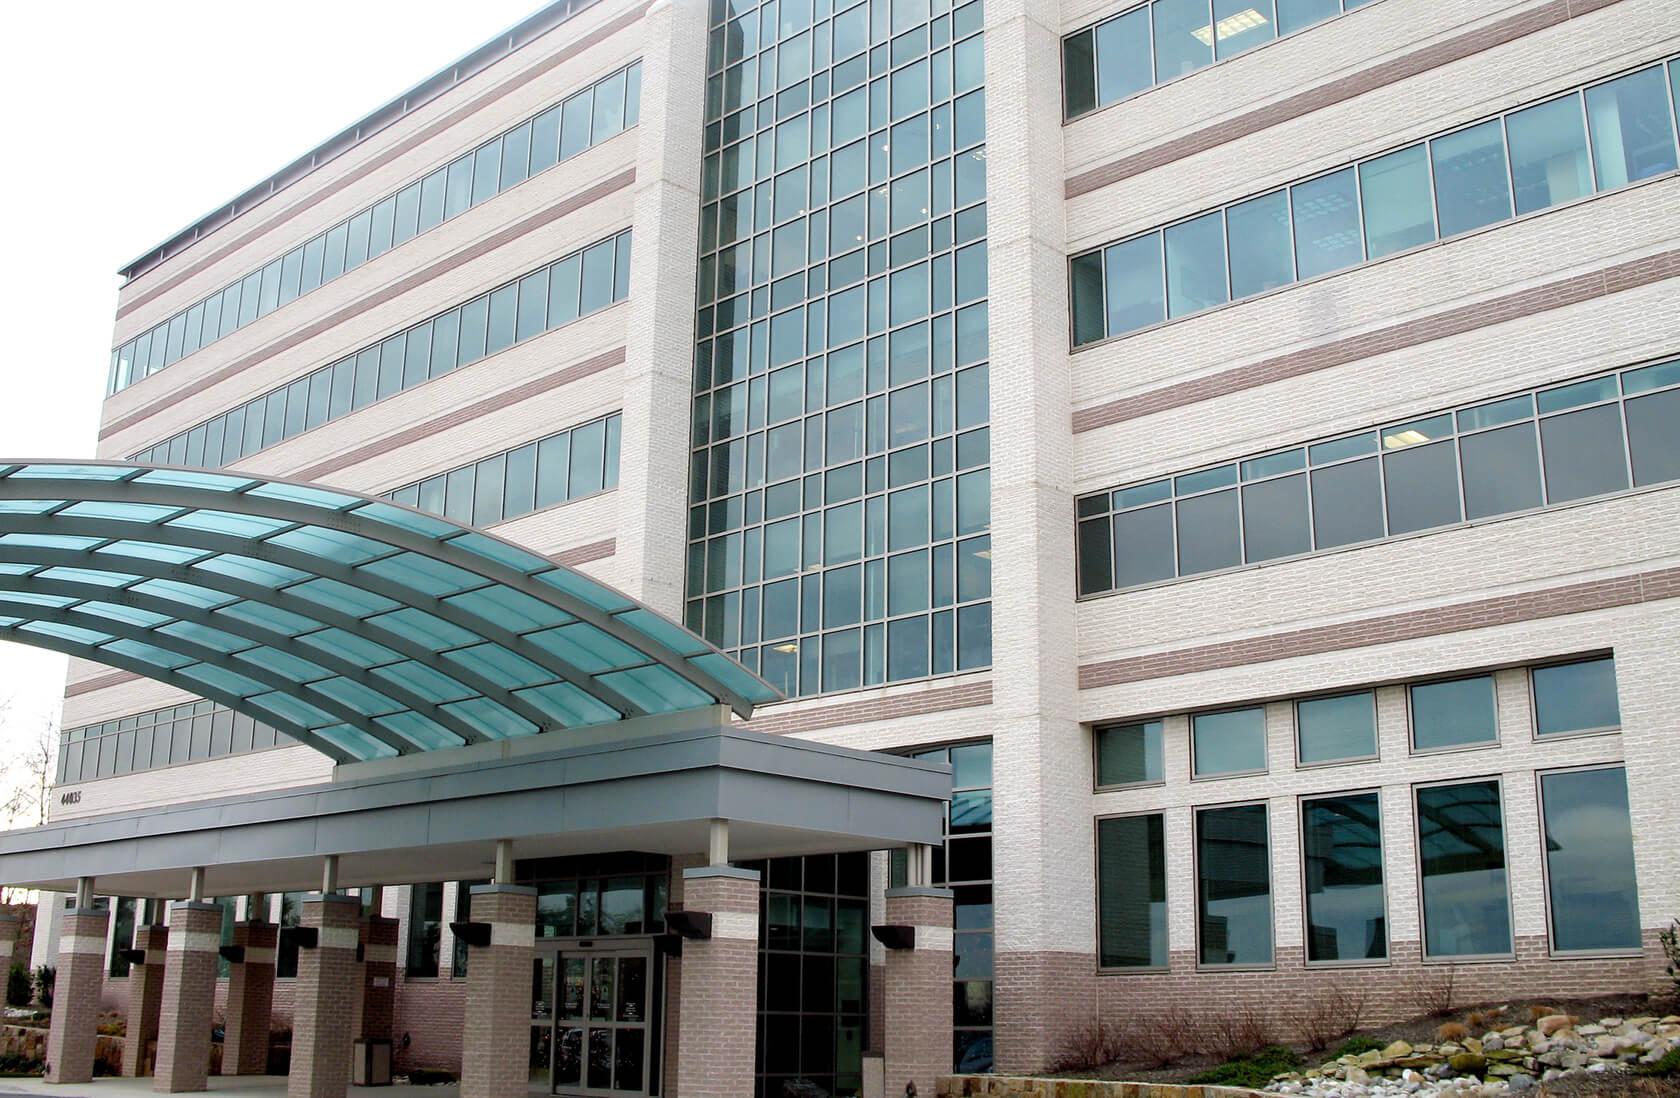 Inova Loudoun Hospital concrete block exterior